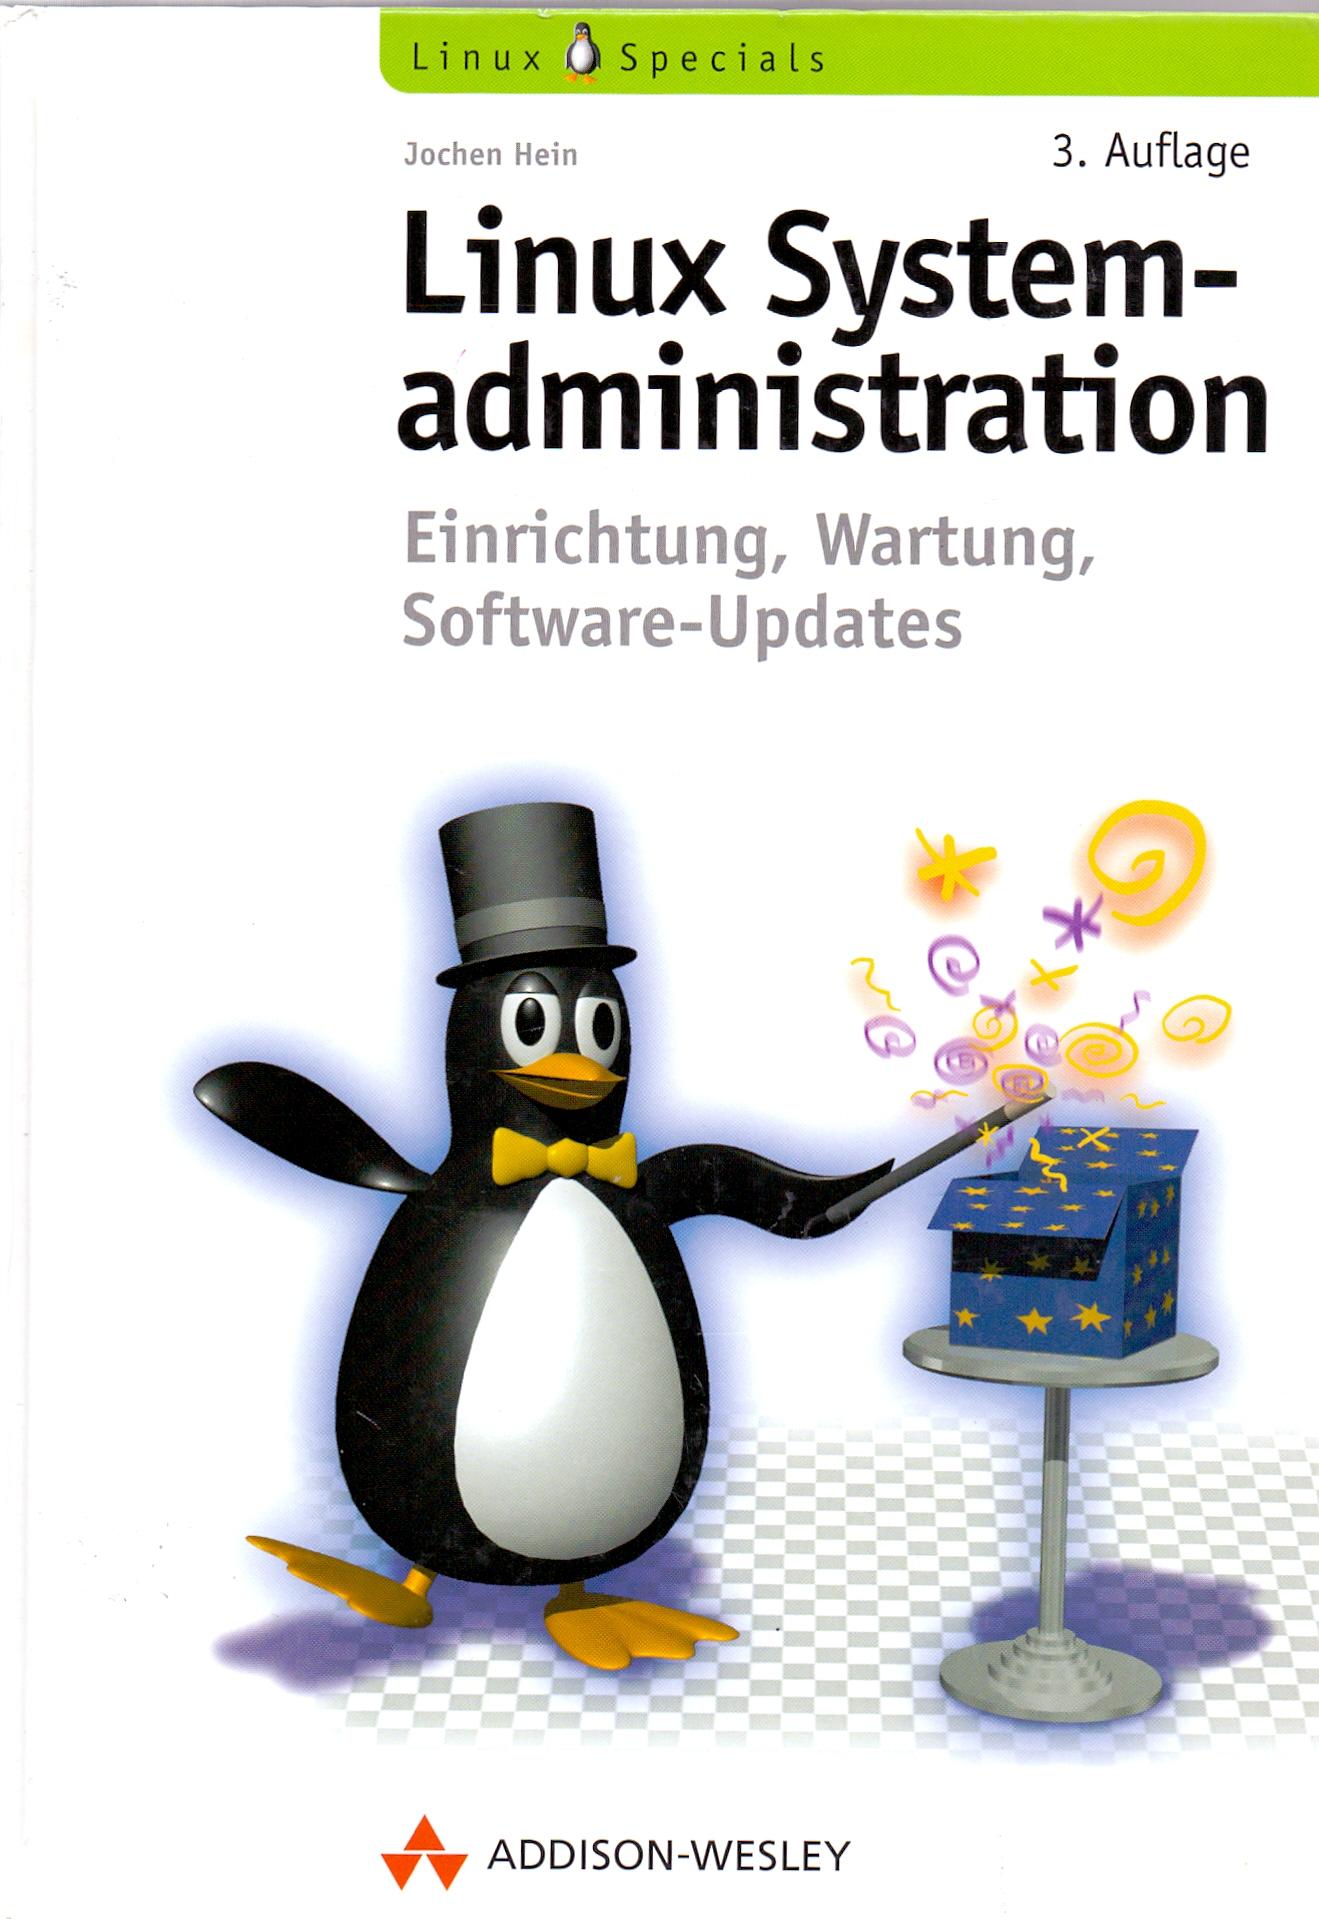 Linux System-administration - Einrichtung, Wart...